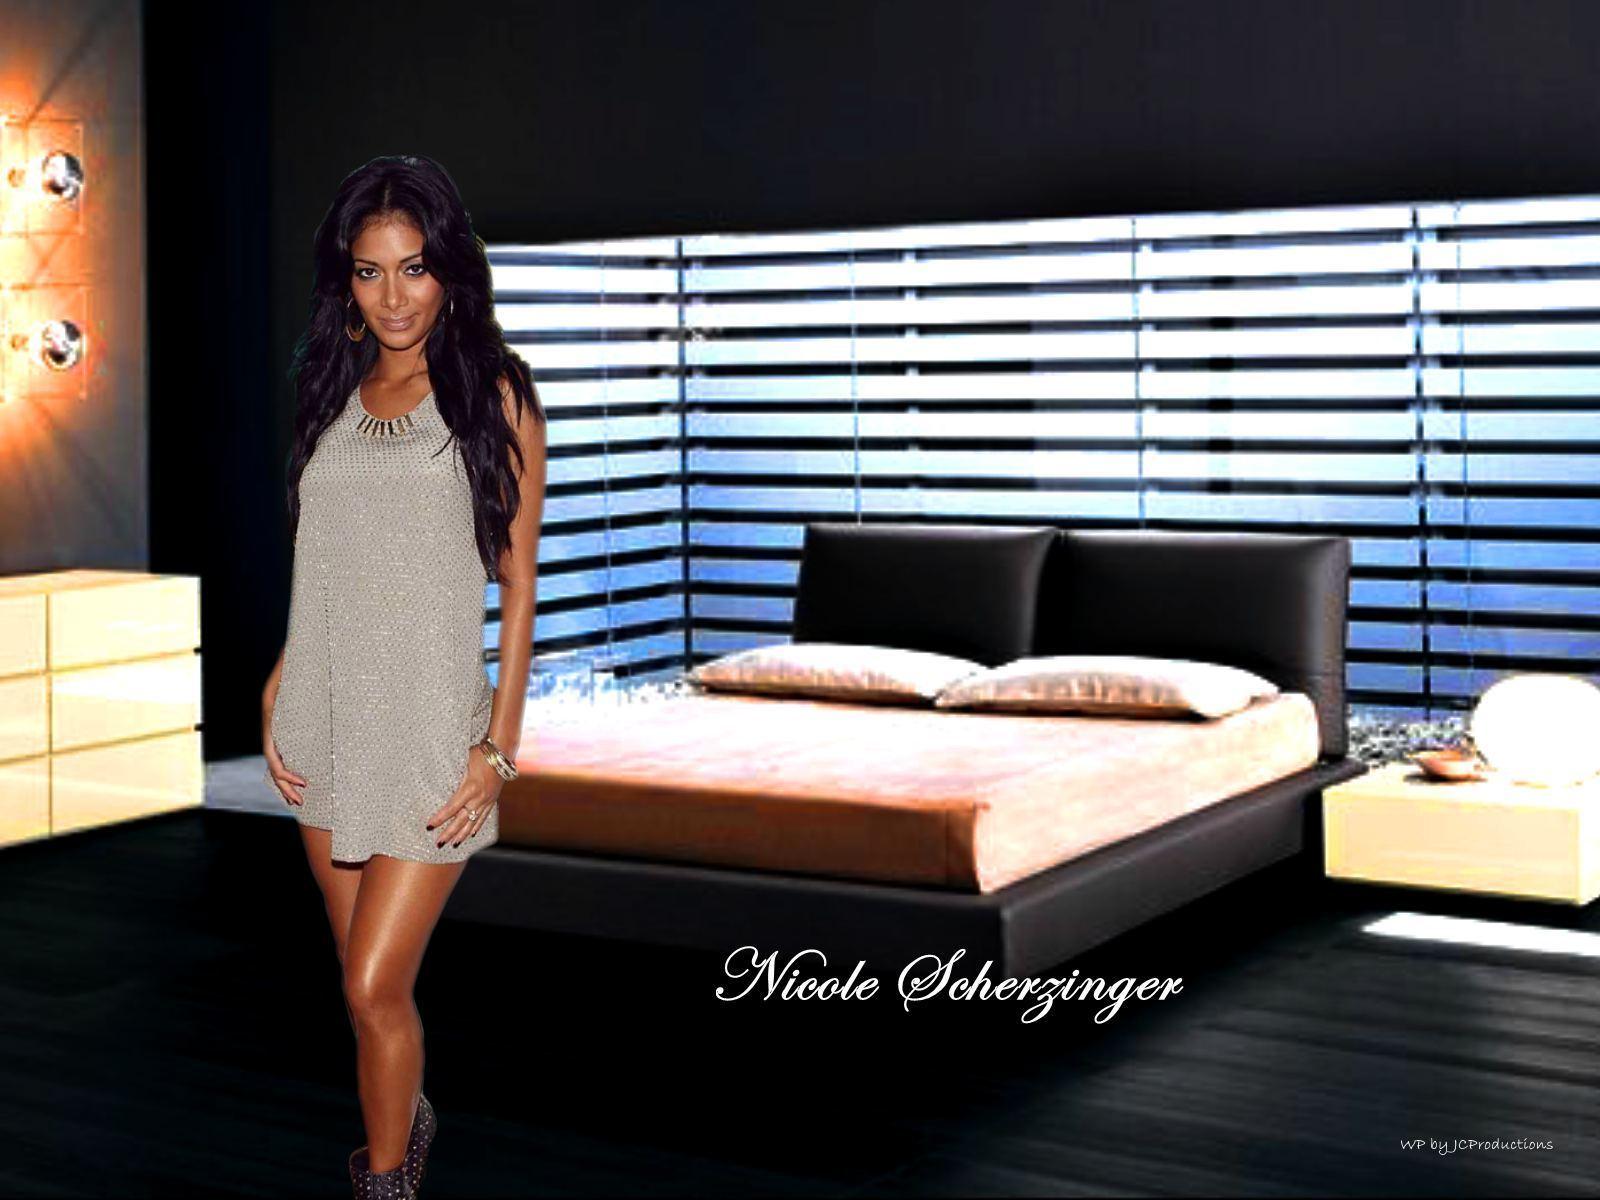 Nicole In The Bedroom